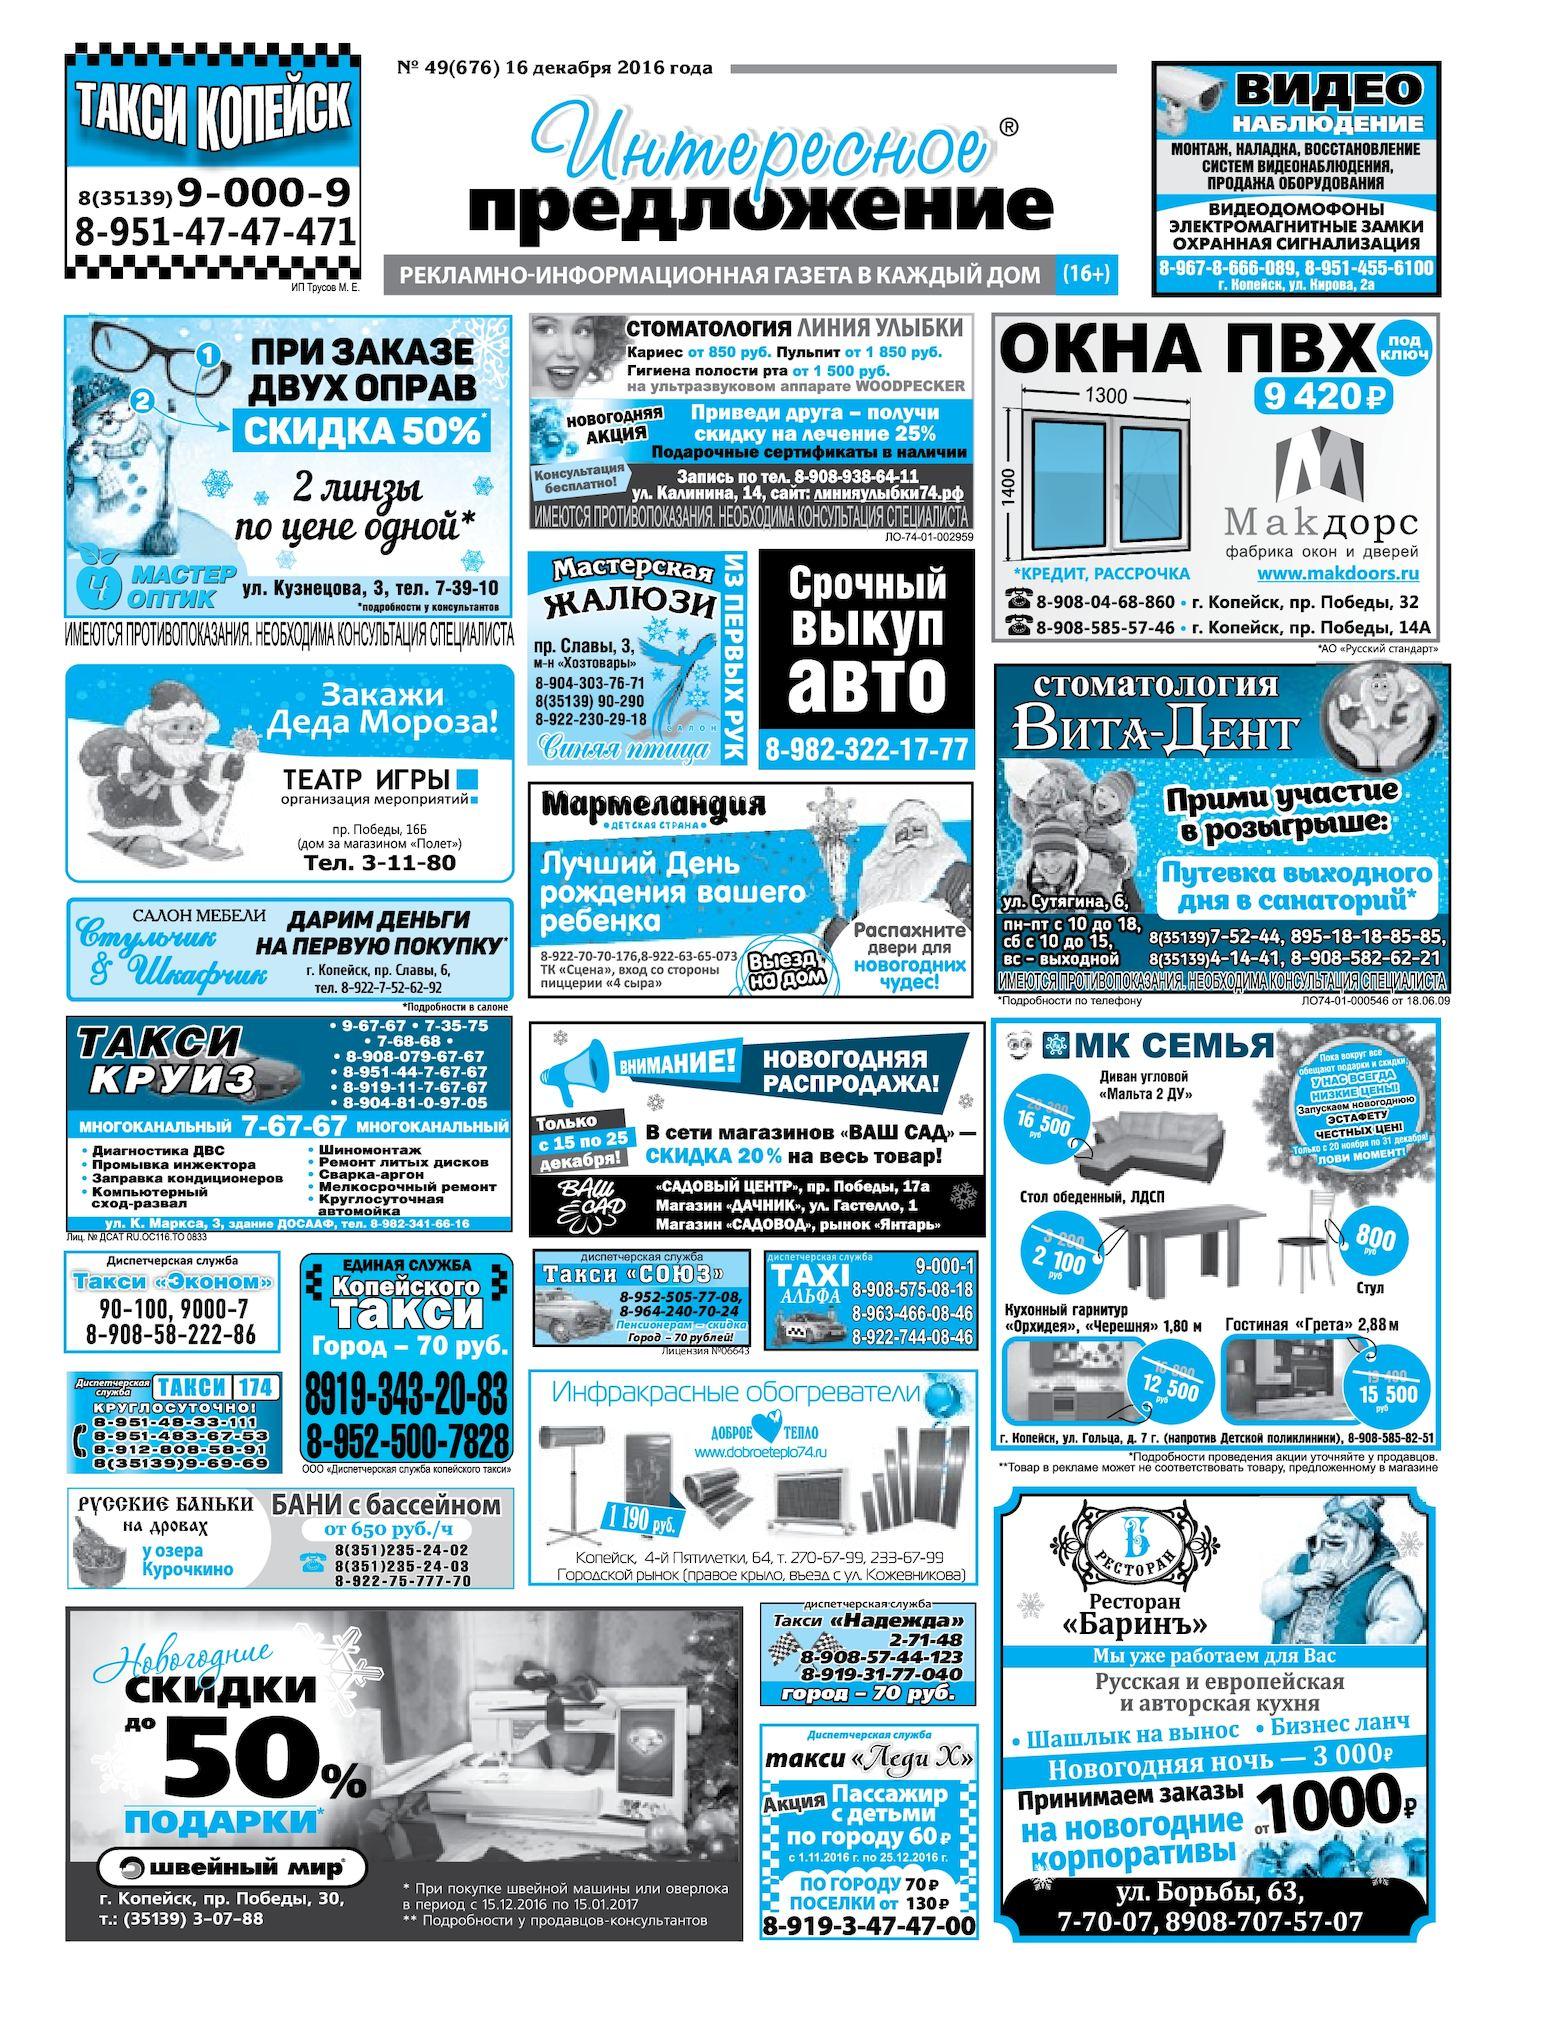 Лотерея lotto 6 aus 49 - как играть из россии | лотереи мира